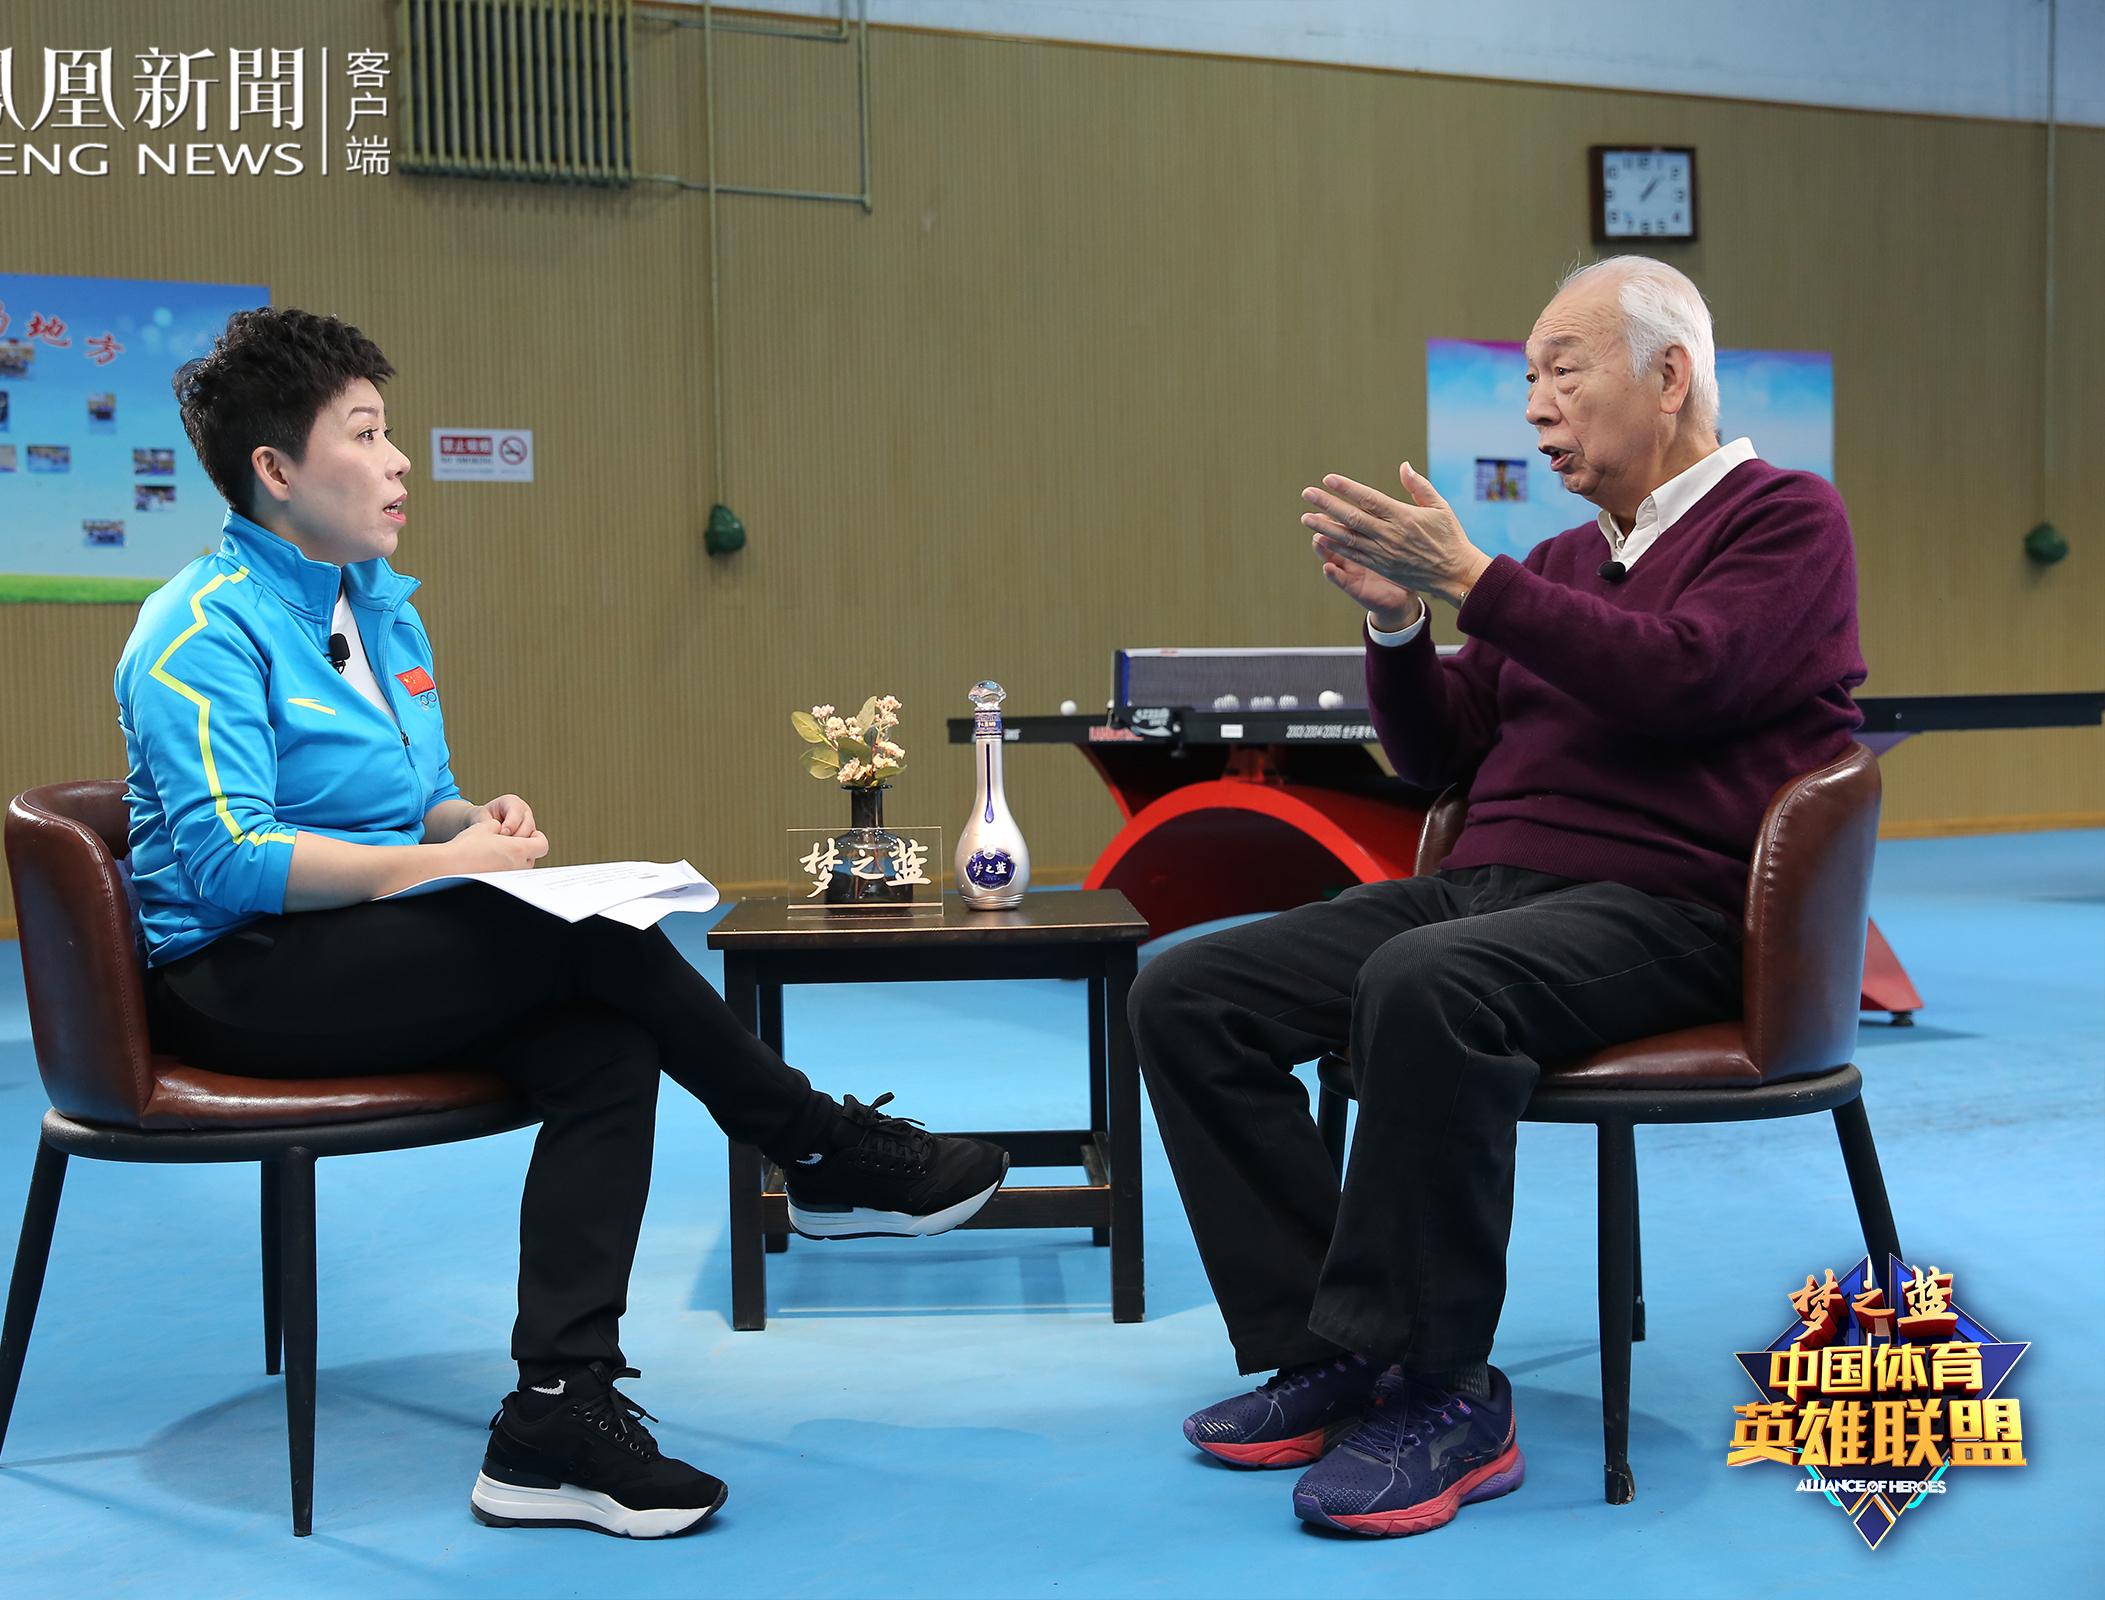 张燮林79岁高龄秀球技